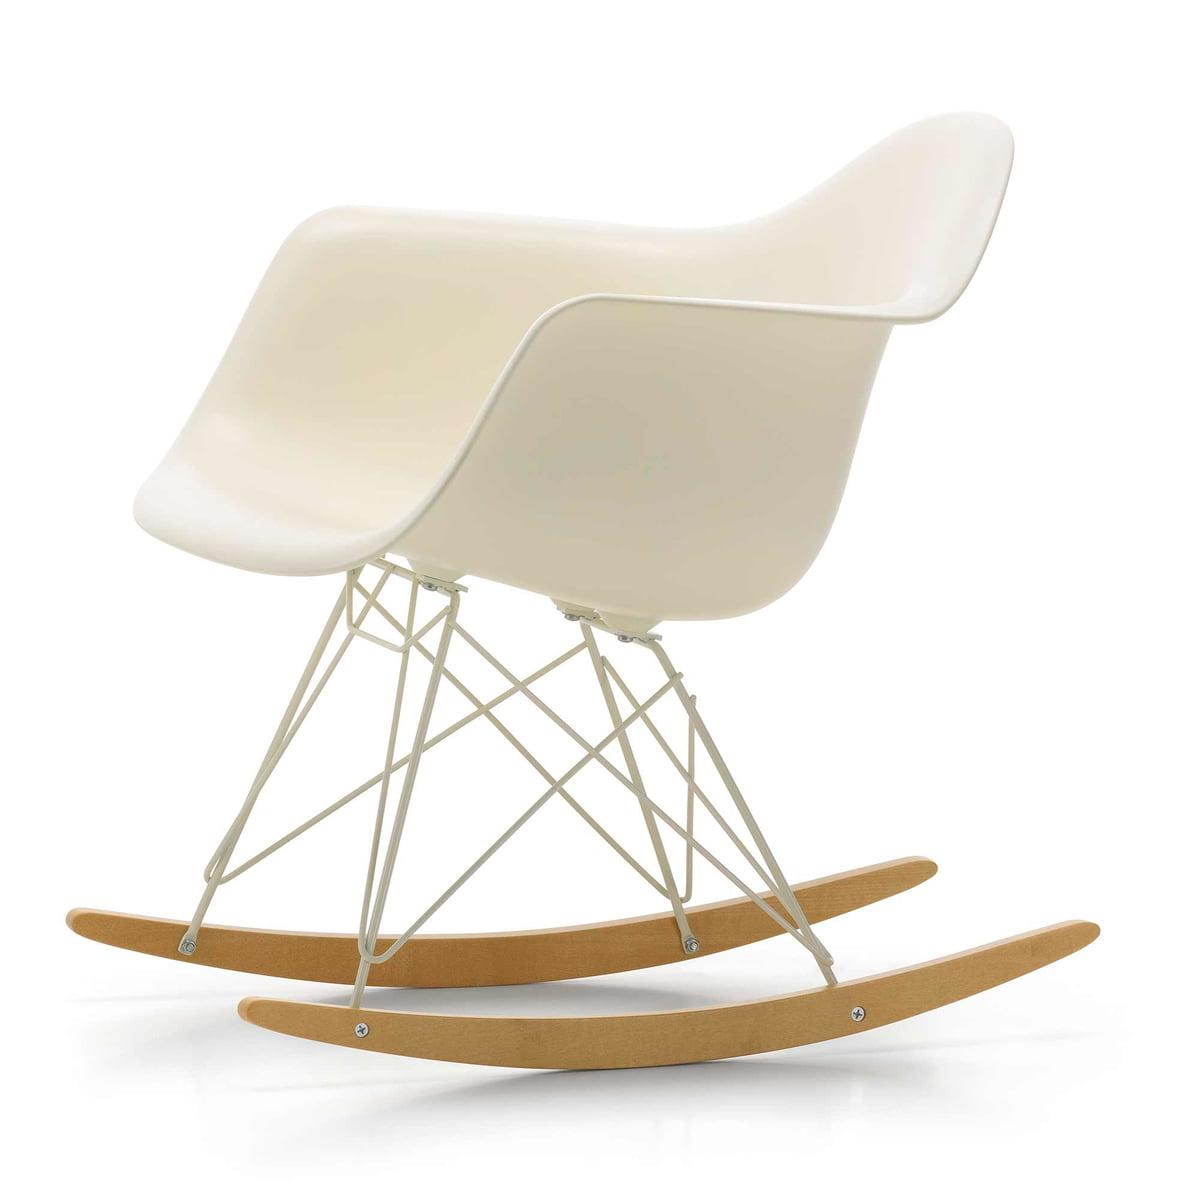 Vitra   Eames Plastic Armchair RAR, Ahorn Gelblich / Drahtuntergestell  Elfenbein, Cremeweiß (Limited